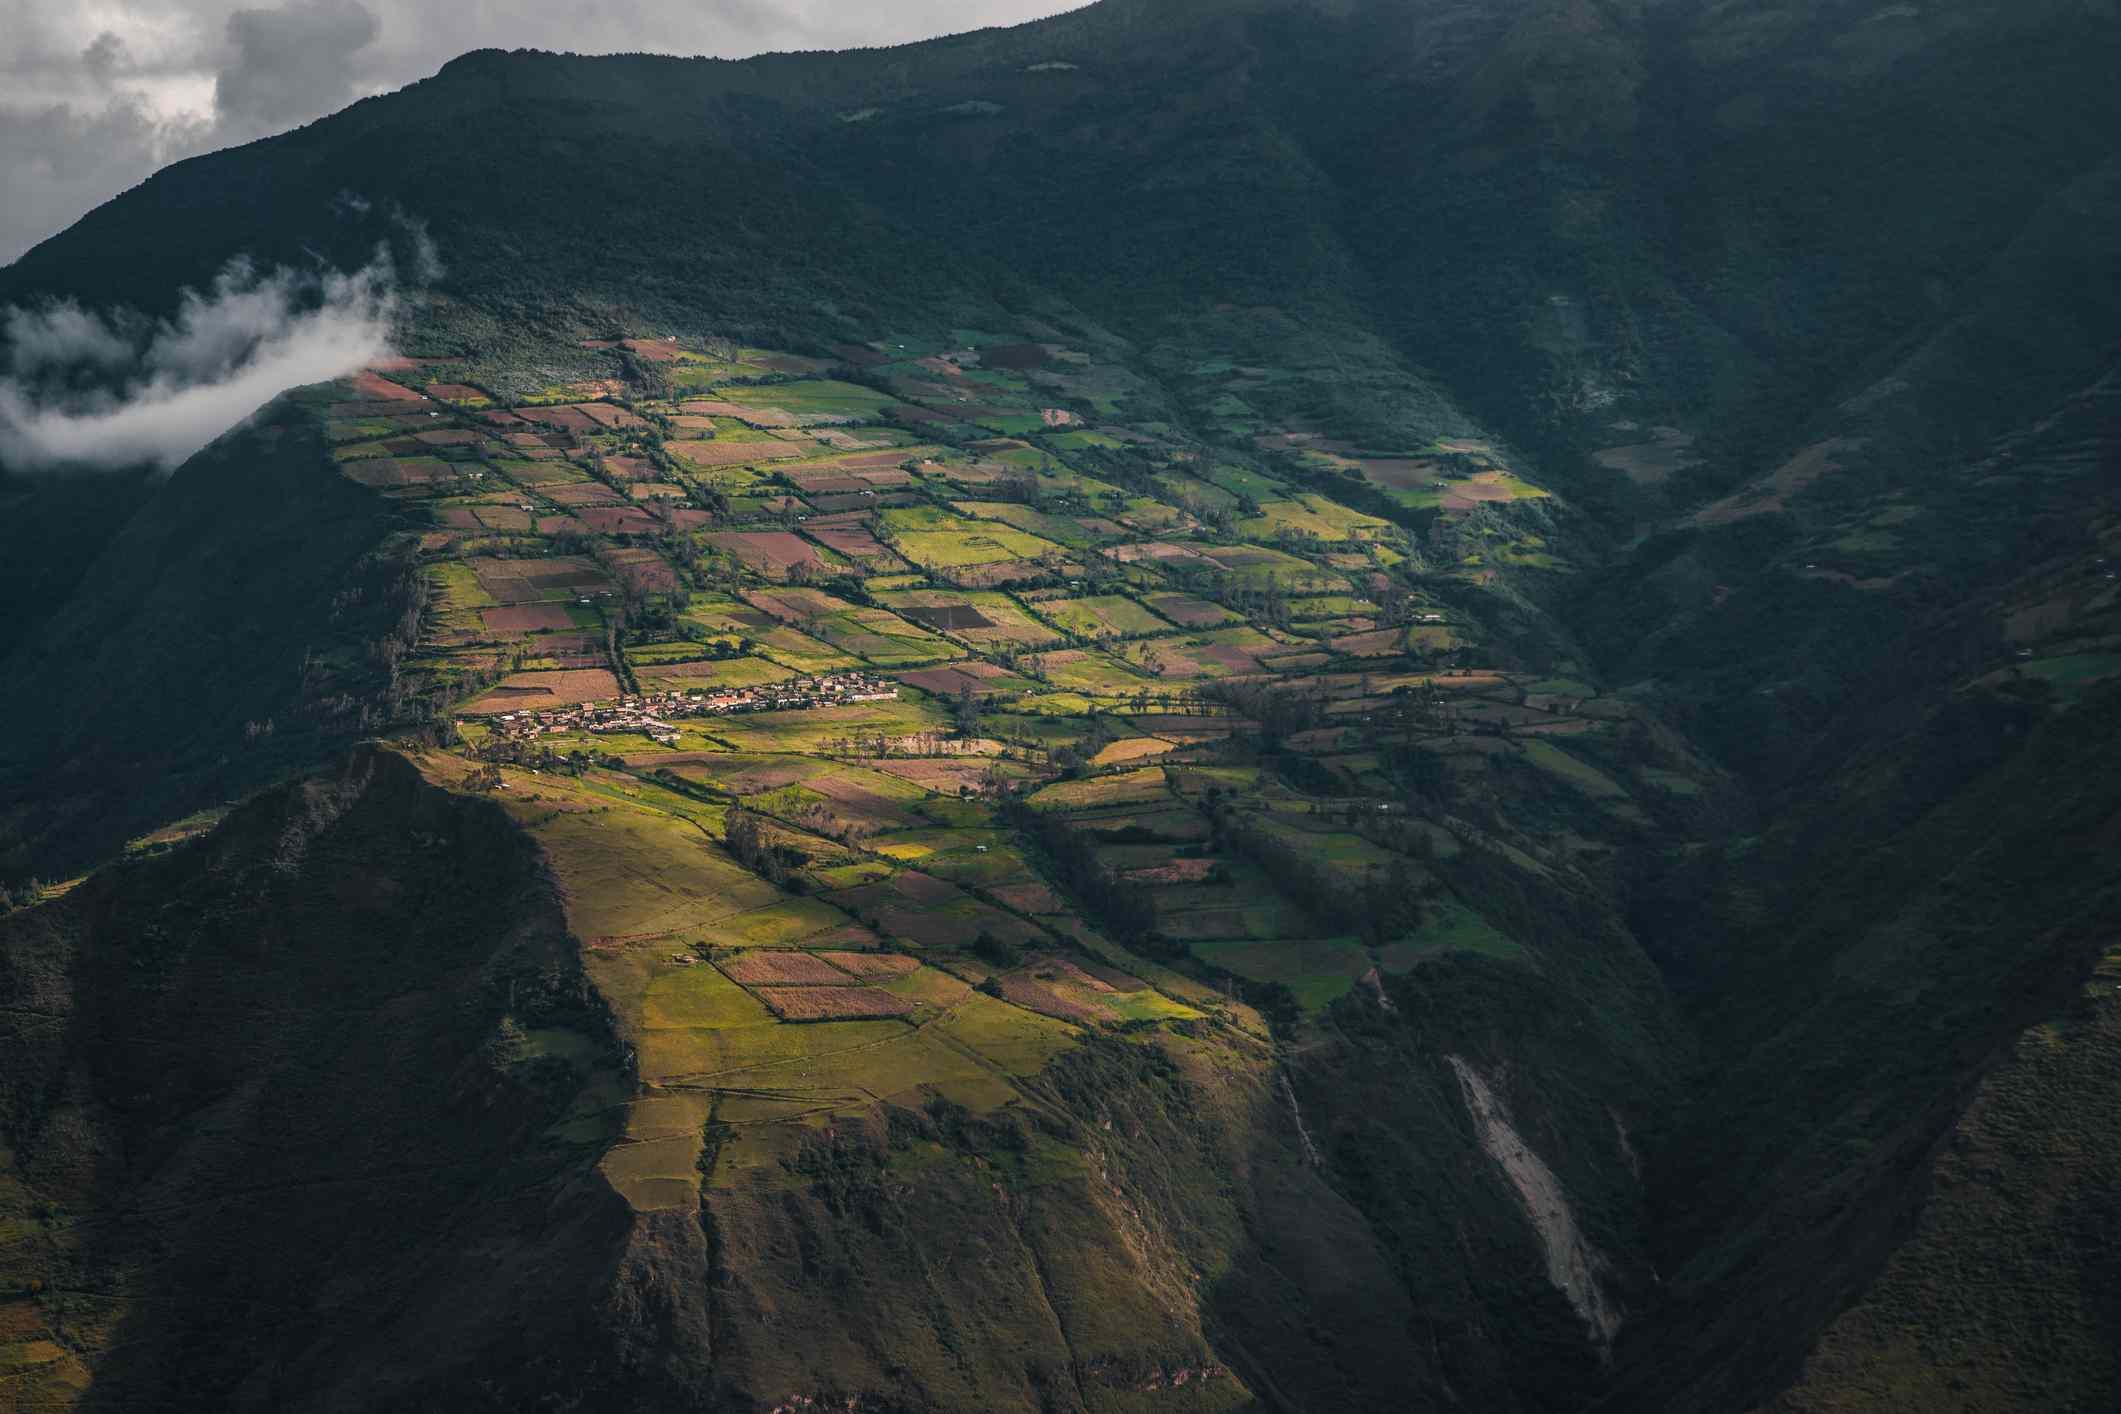 Agricultural field in Choquequirao, Peru